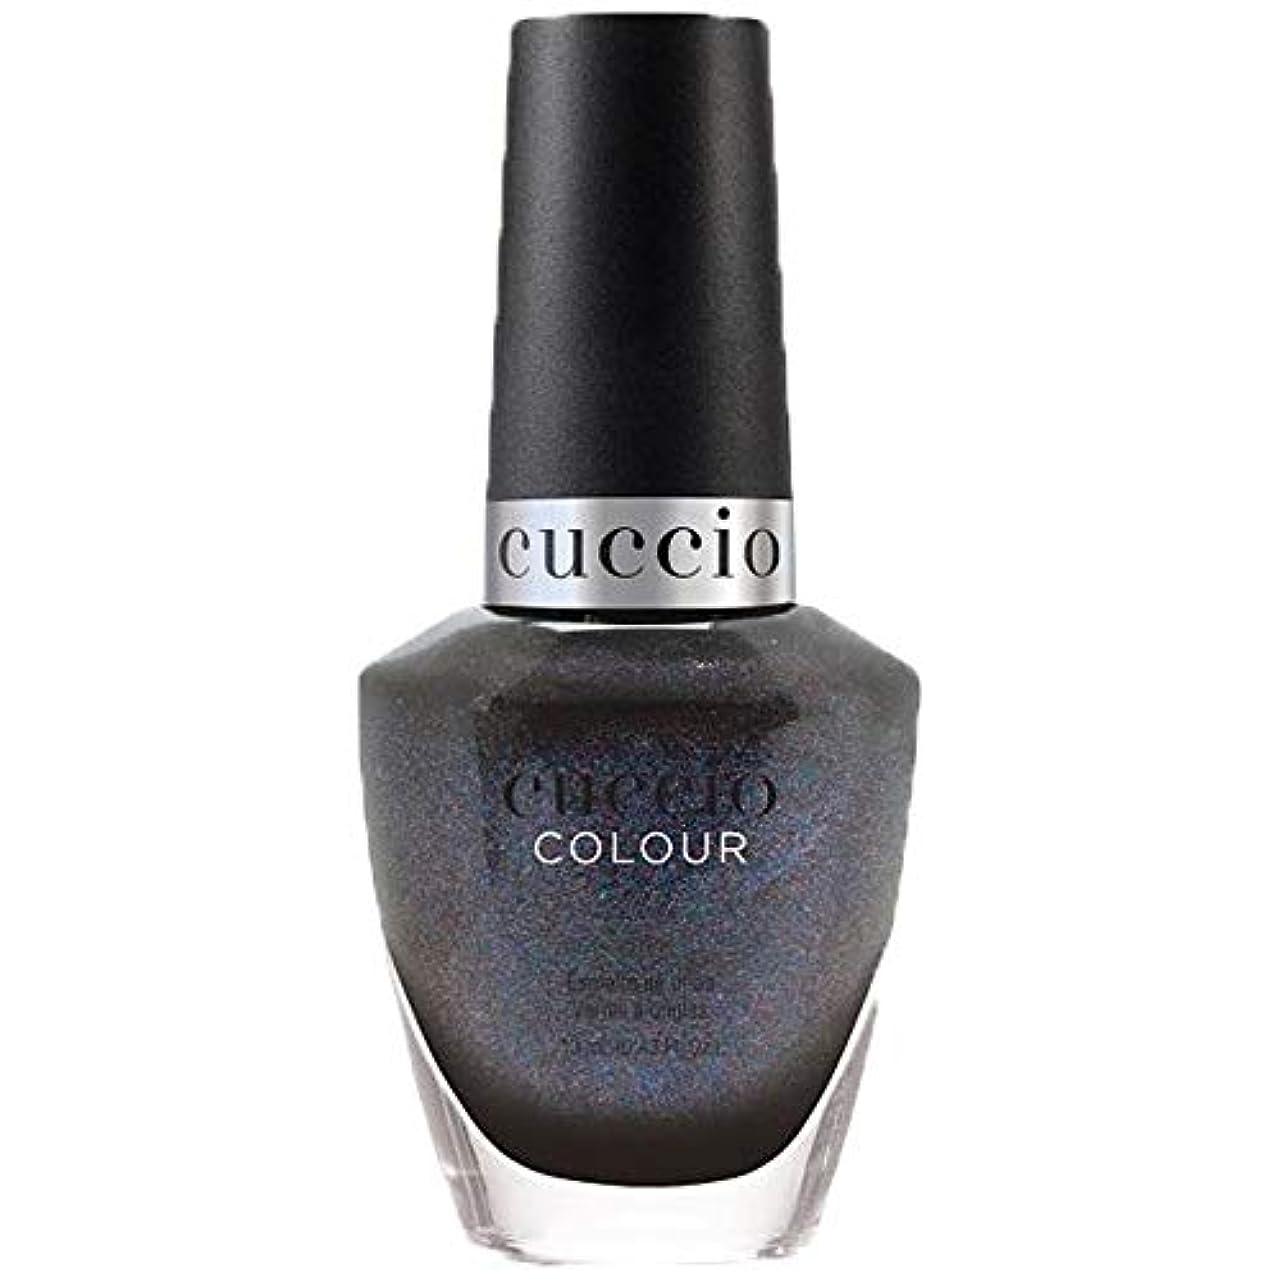 確認してください増幅する離れたCuccio Colour Nail Lacquer - Tapestry Collection - Cover Me Up! - 13 mL / 0.43 oz